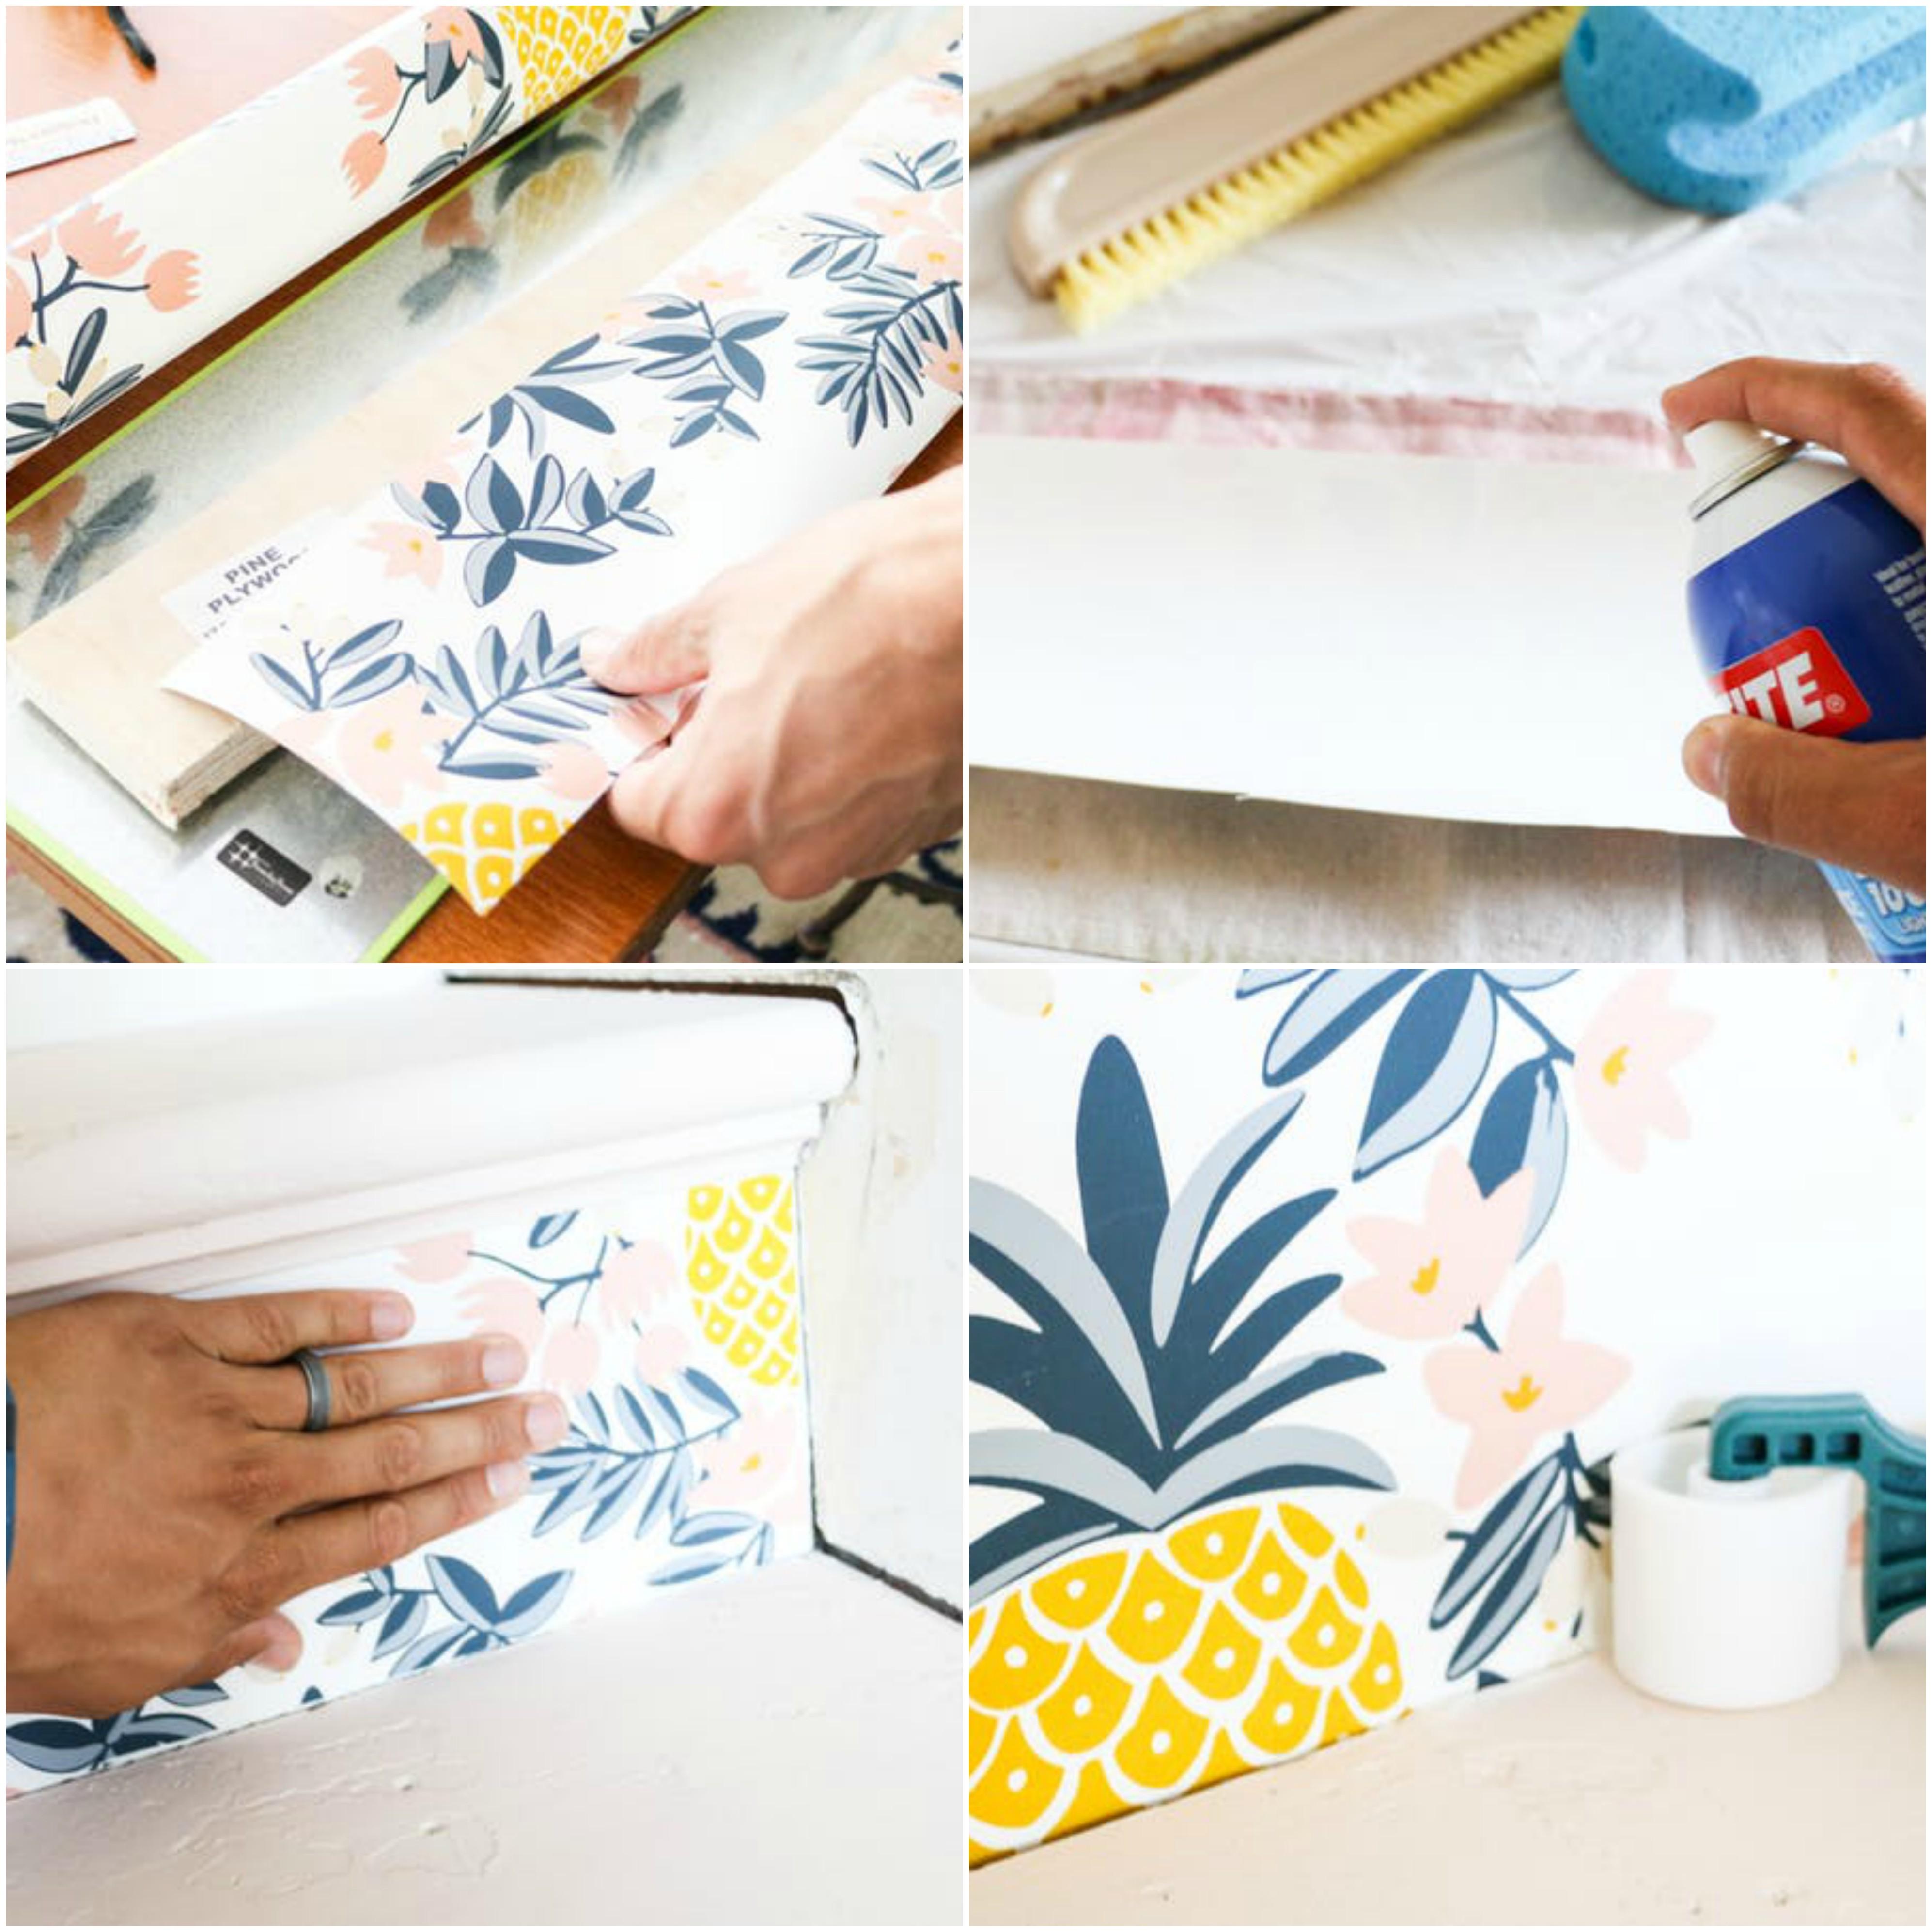 tutoriel comment renover un escalier avec du papier peint, motif tropical, appliqué à l aide de colle sur les contremarches